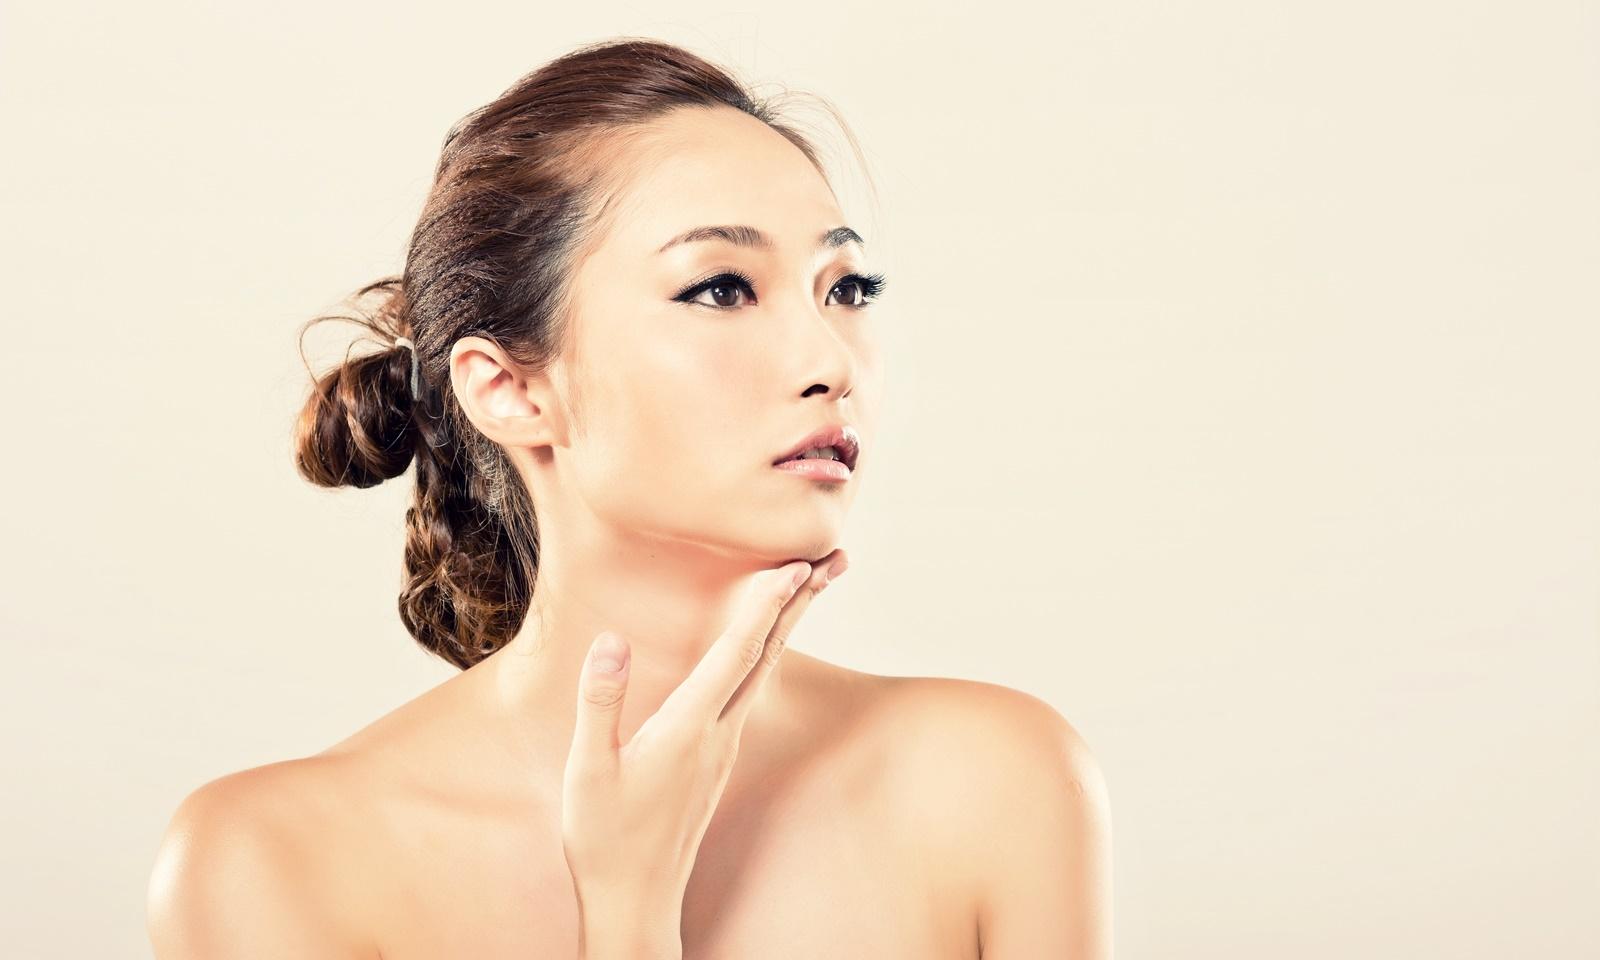 10 điều bạn chắc chắn cần biết trước khi quyết định tiêm filler căng da